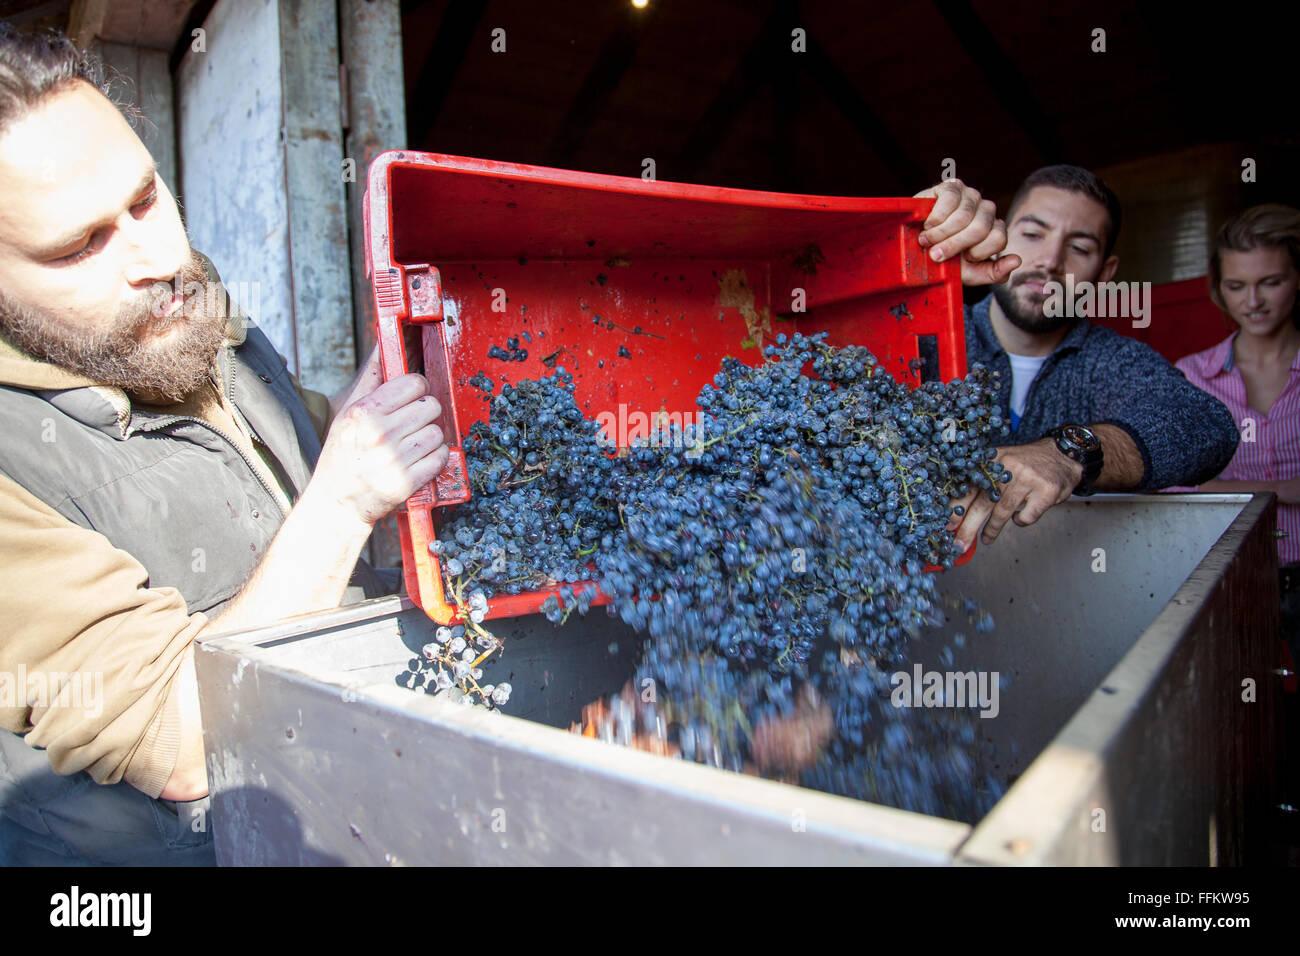 Dos hombres se descarga en un recipiente de uvas en el viñedo Foto de stock